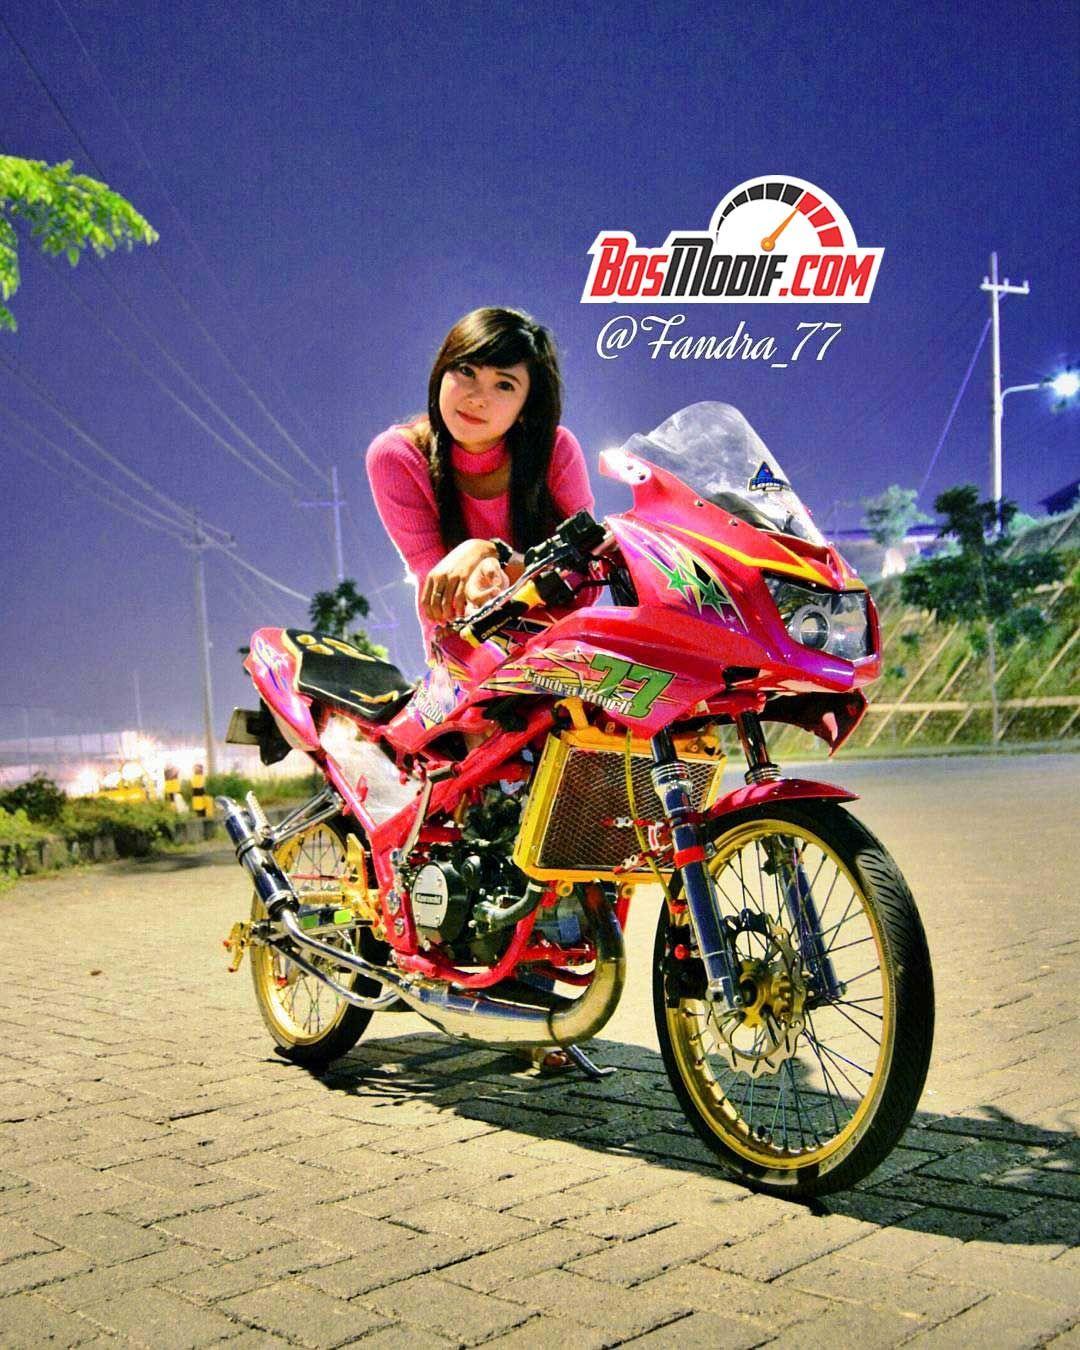 Modifikasi Motor Kawasaki Ninja Dan Cewek Keren Pink Ninja Mobil